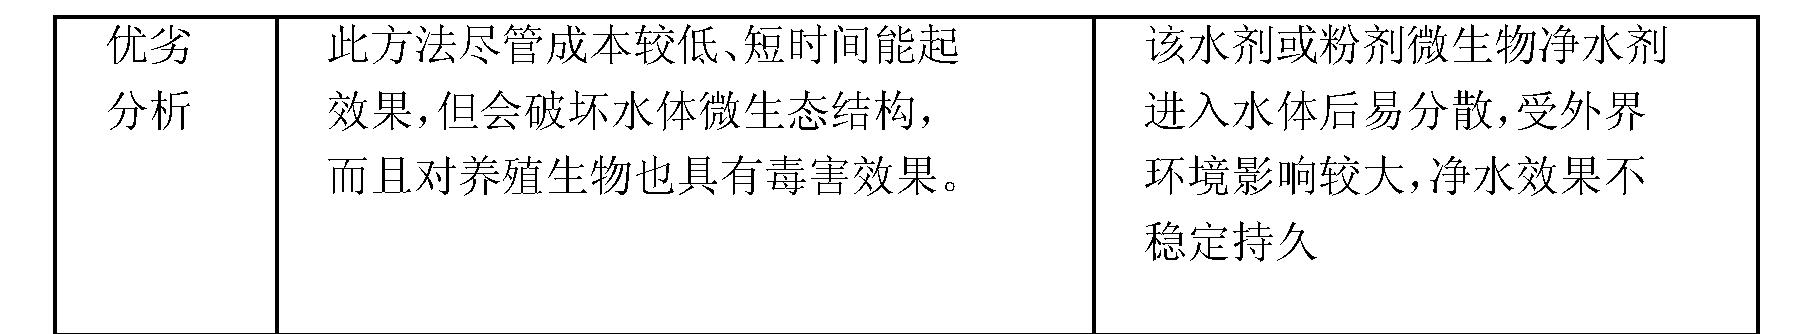 Figure CN101781025BD00051